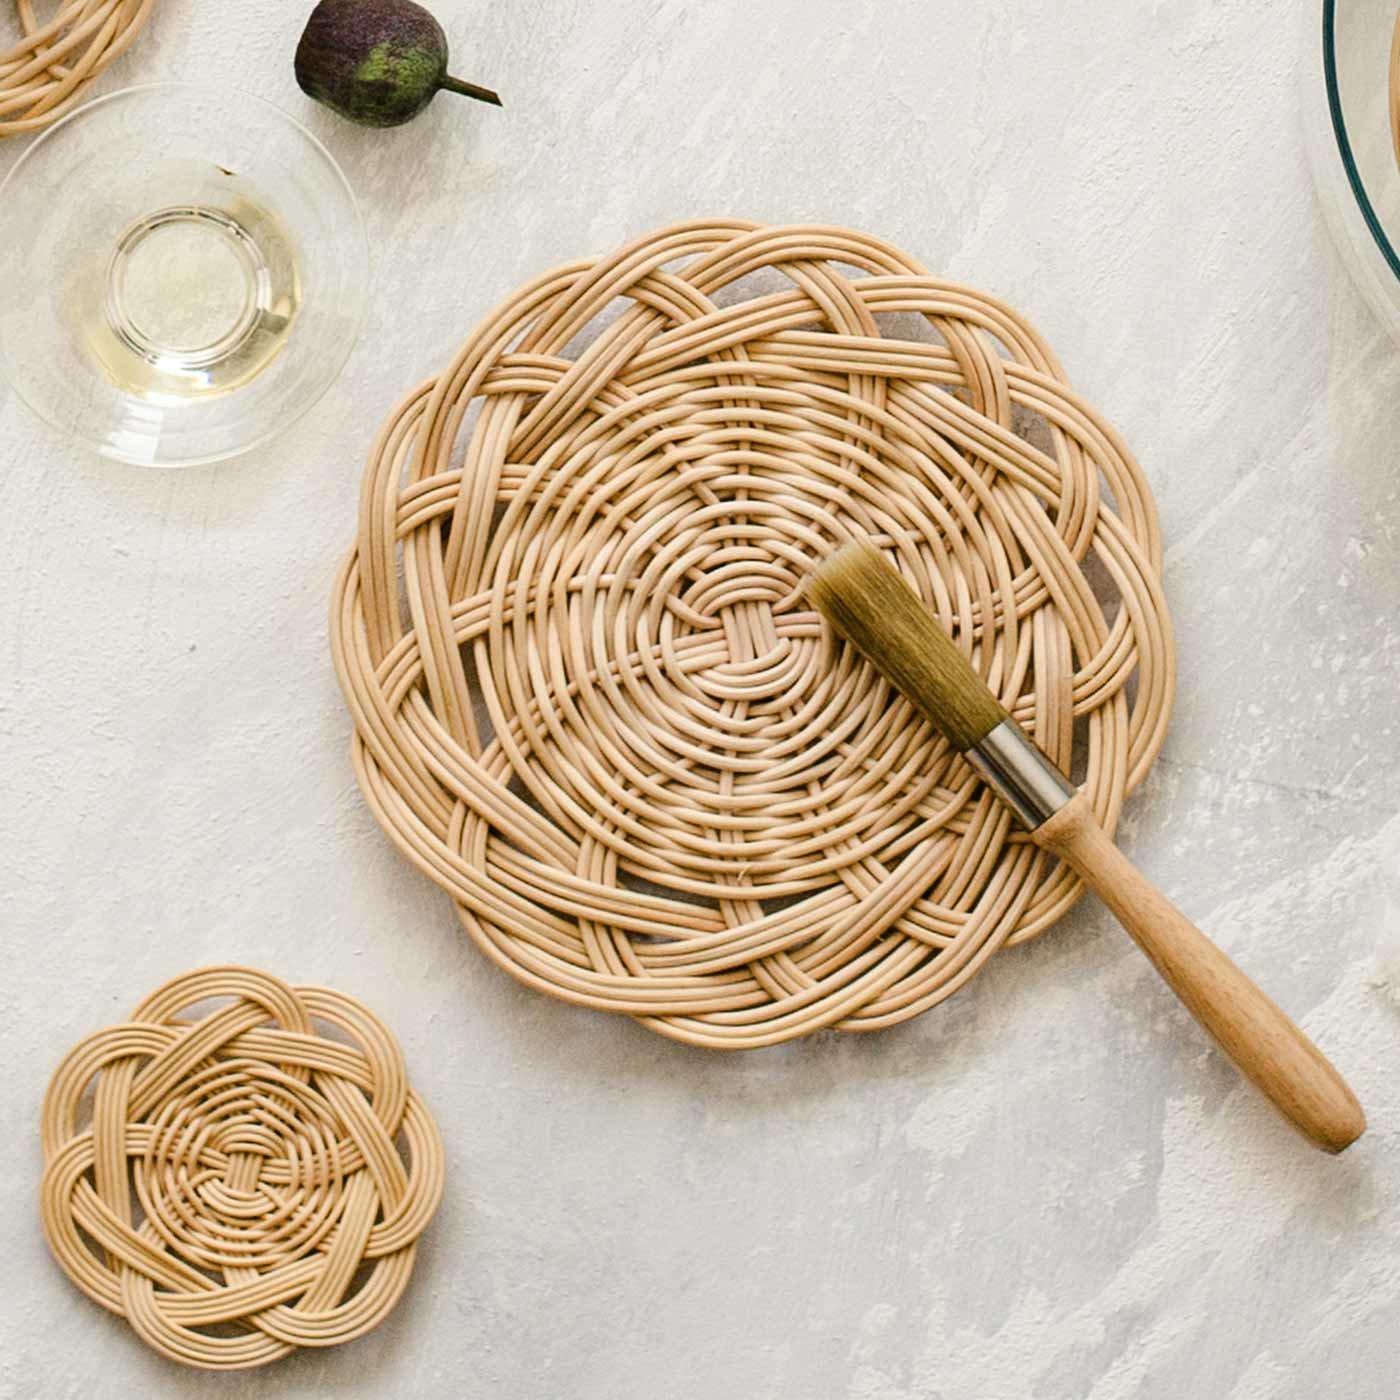 籐編み小物の仕上げに クルミオイルとブラシセット